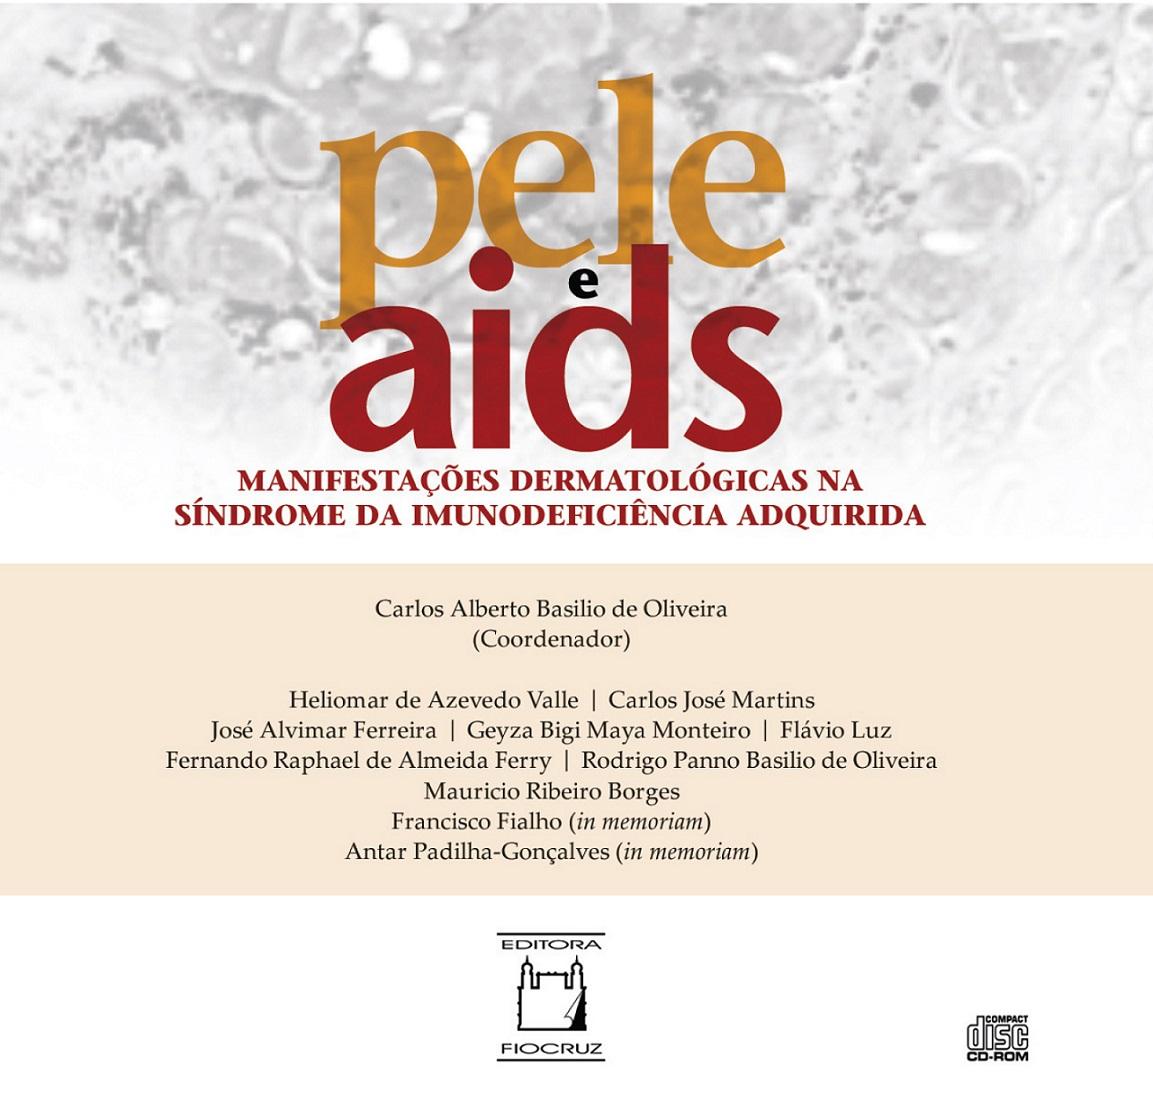 Pele e Aids: manifestações dermatológicas na síndrome da imunodeficiência adquirida  - Livraria Virtual da Editora Fiocruz